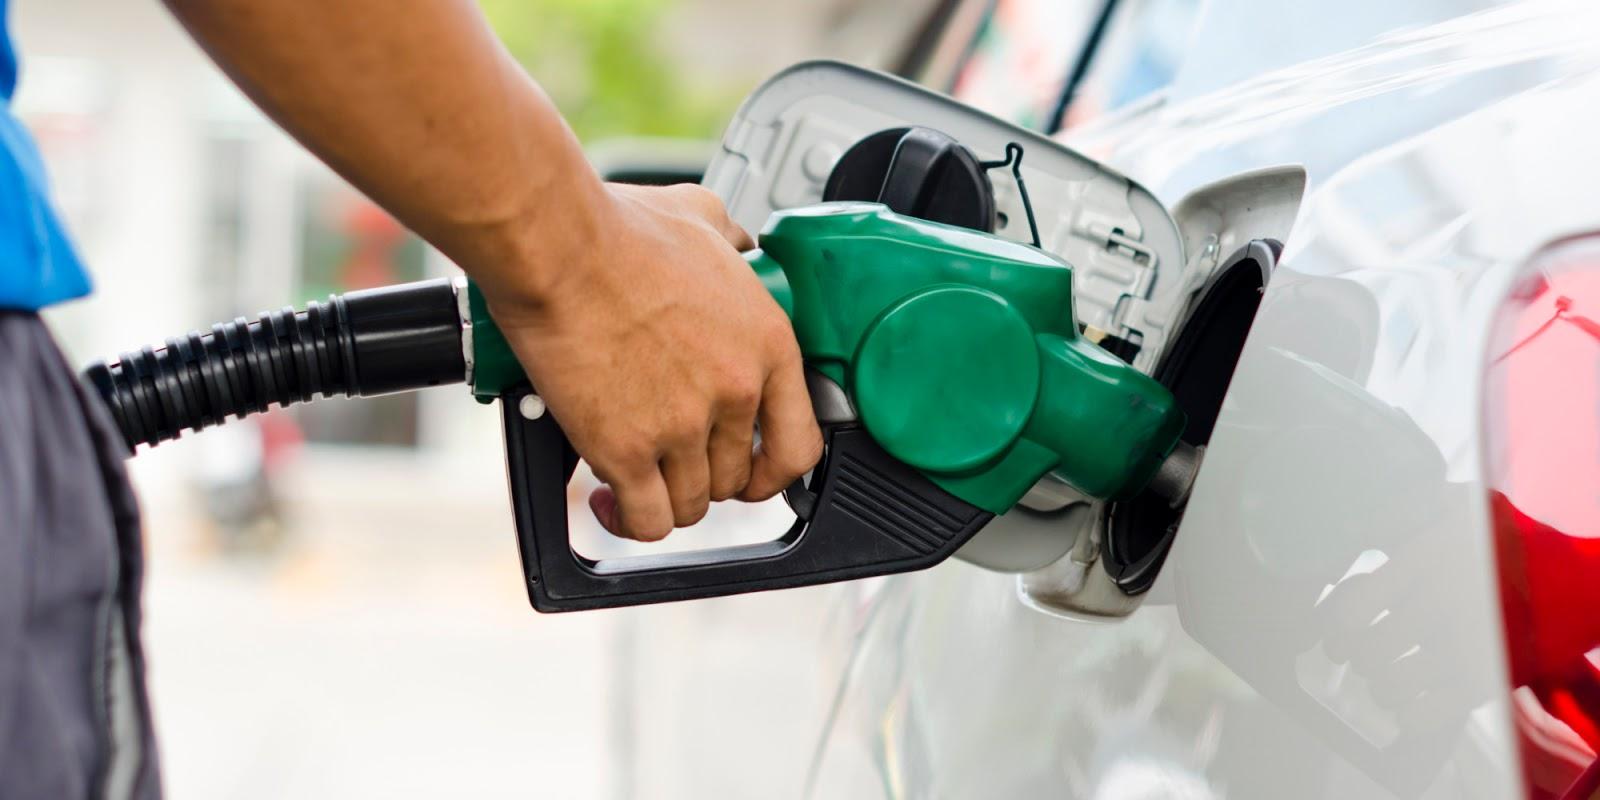 Preço da gasolina e do diesel tem novos reajustes nas refinarias nesta sexta-feira